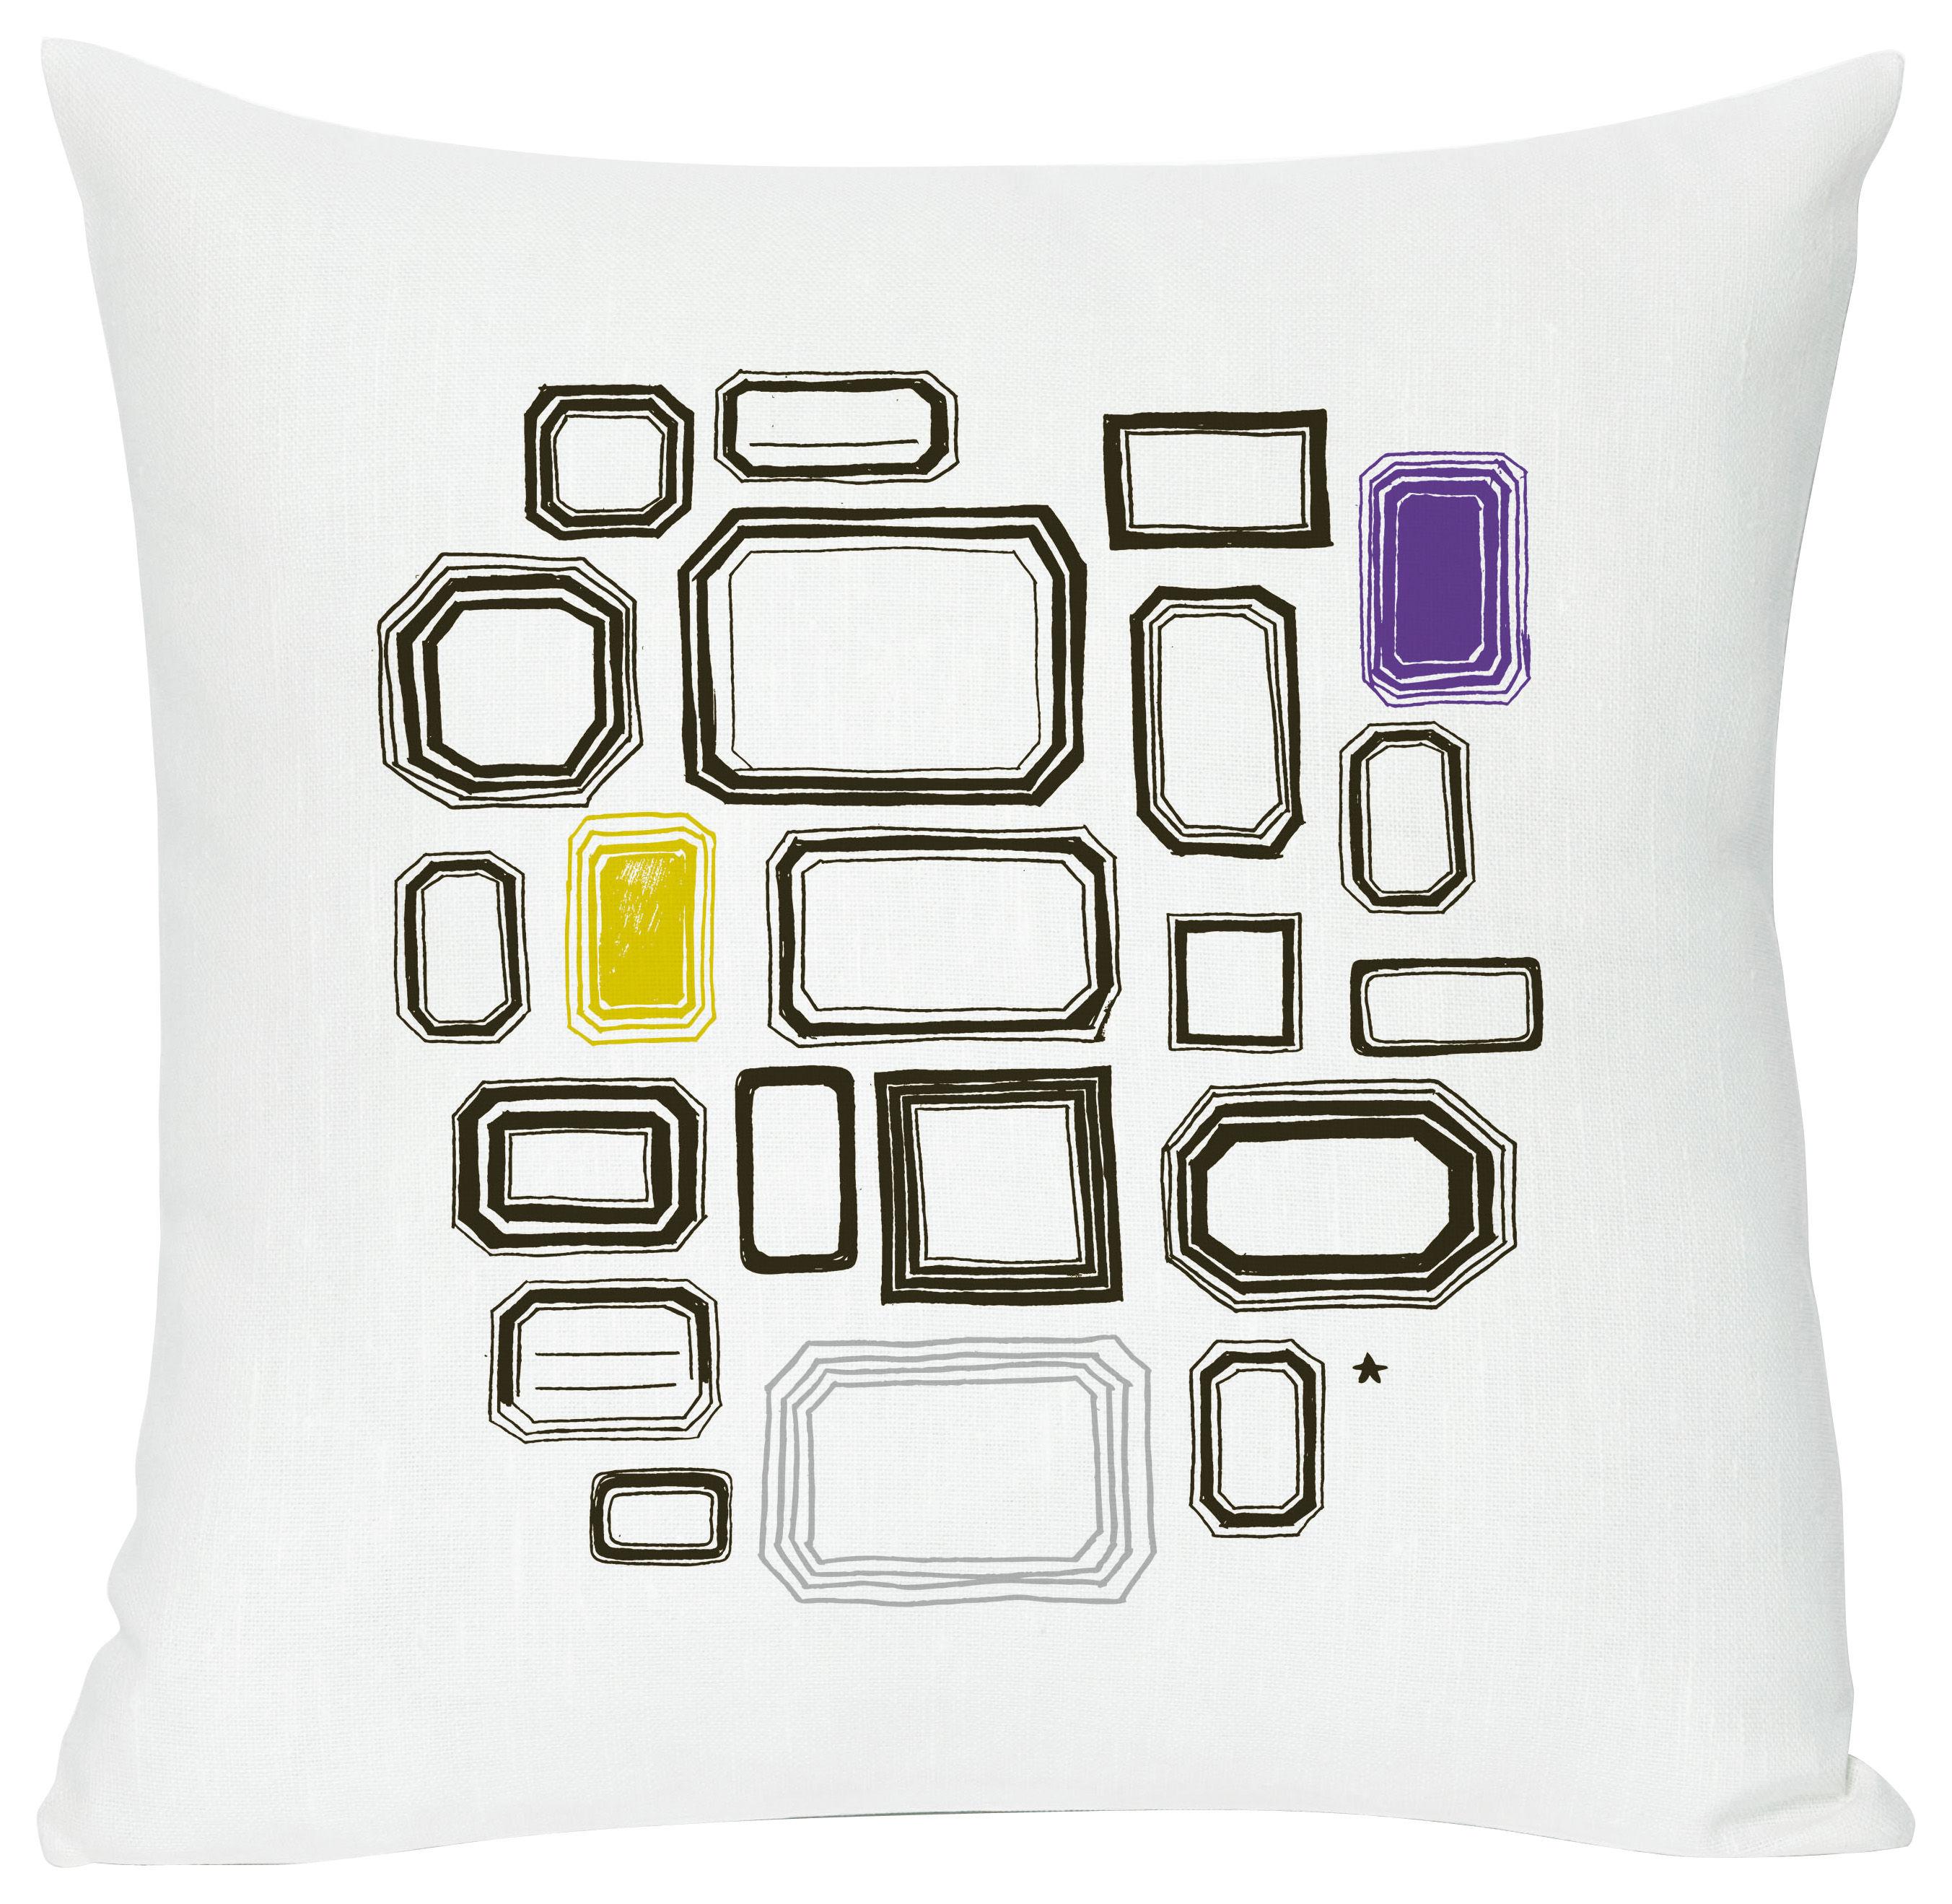 Déco - Pour les enfants - Coussin Coll print / 40 x 40 cm - Domestic - Coll print - Coton, Lin